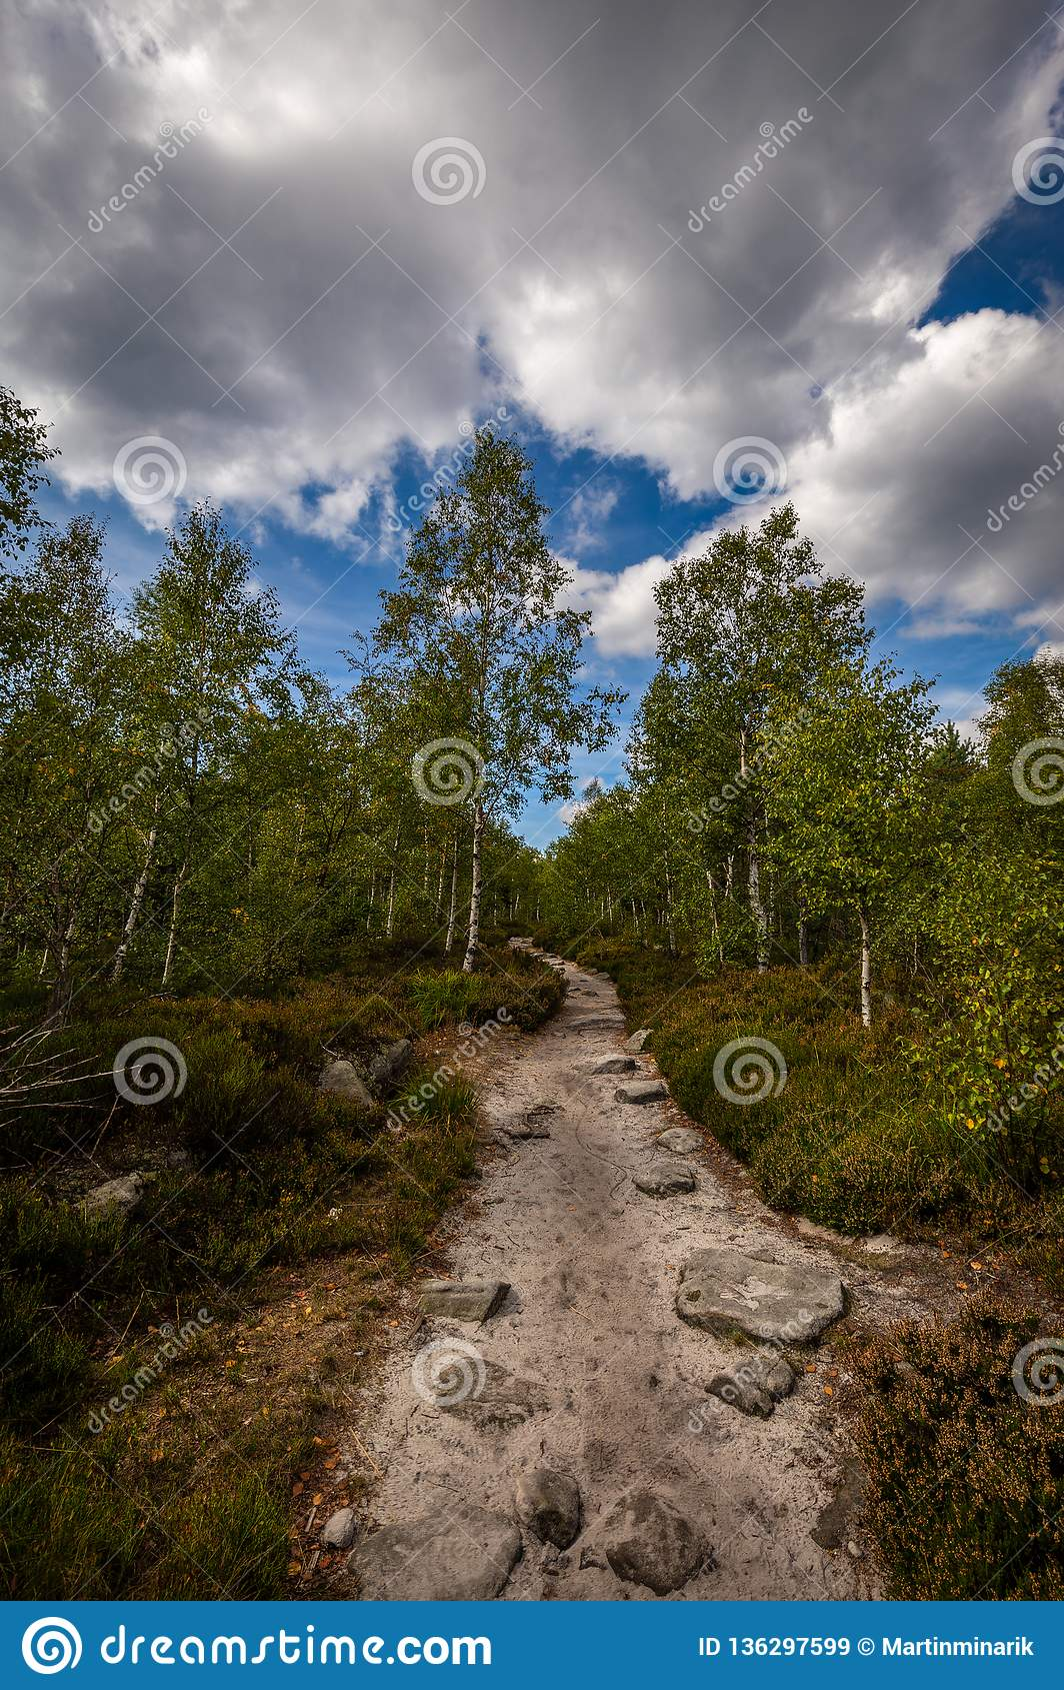 Sentier piéton de Sandy, dans la forêt verte avec le ciel nuageux bleu dramatique, au labyrinthe en pierre Bledne skaly